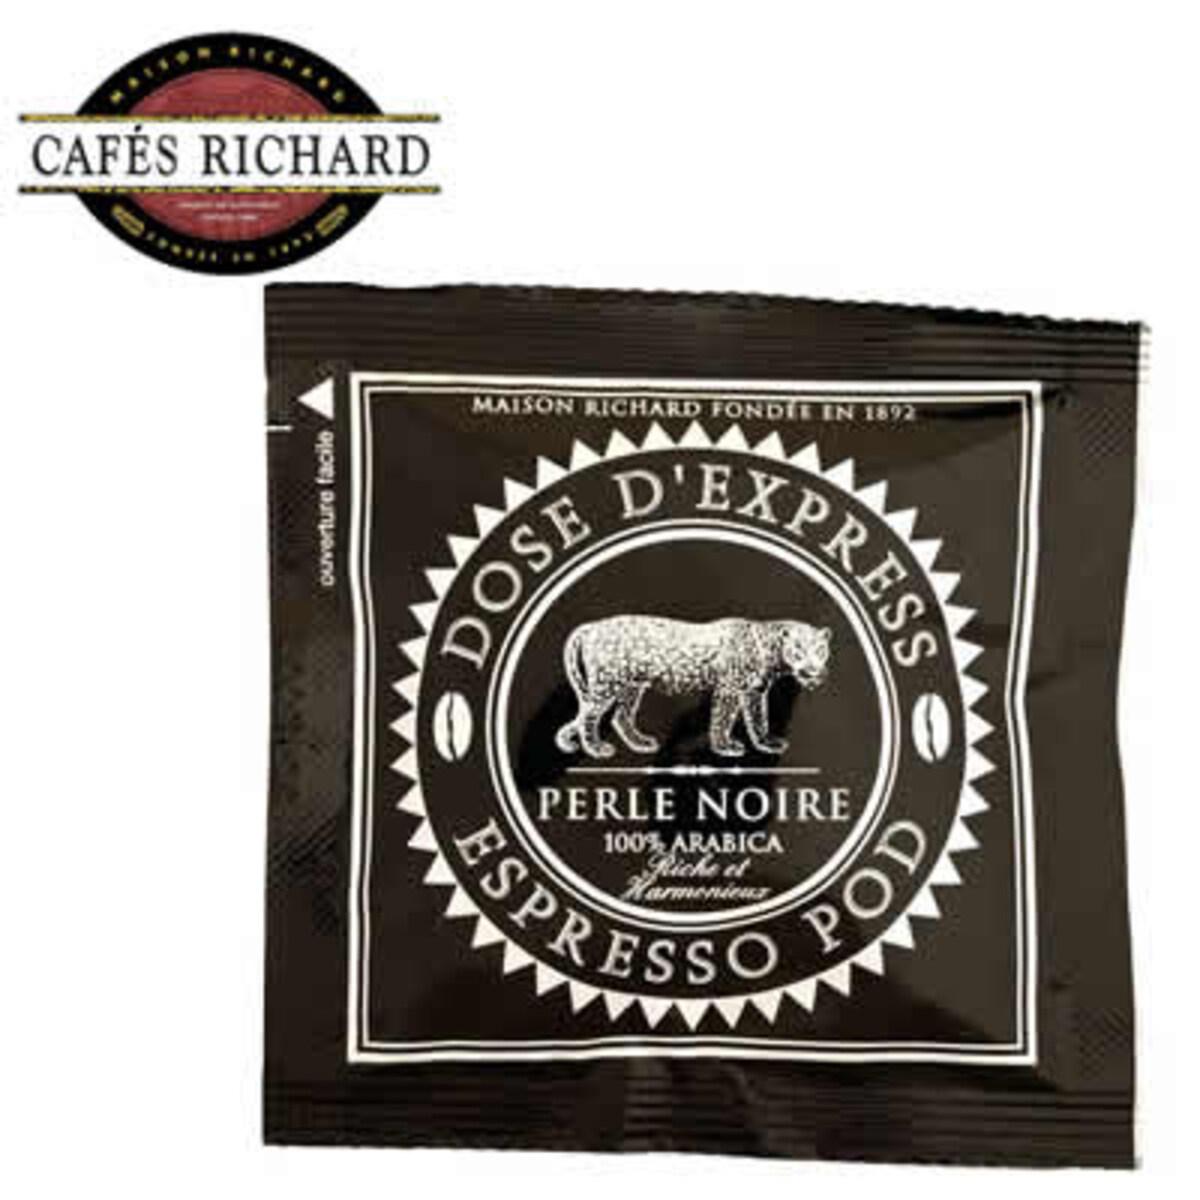 Cafés Richard Perle Noire - 1 бр доза в опаковка